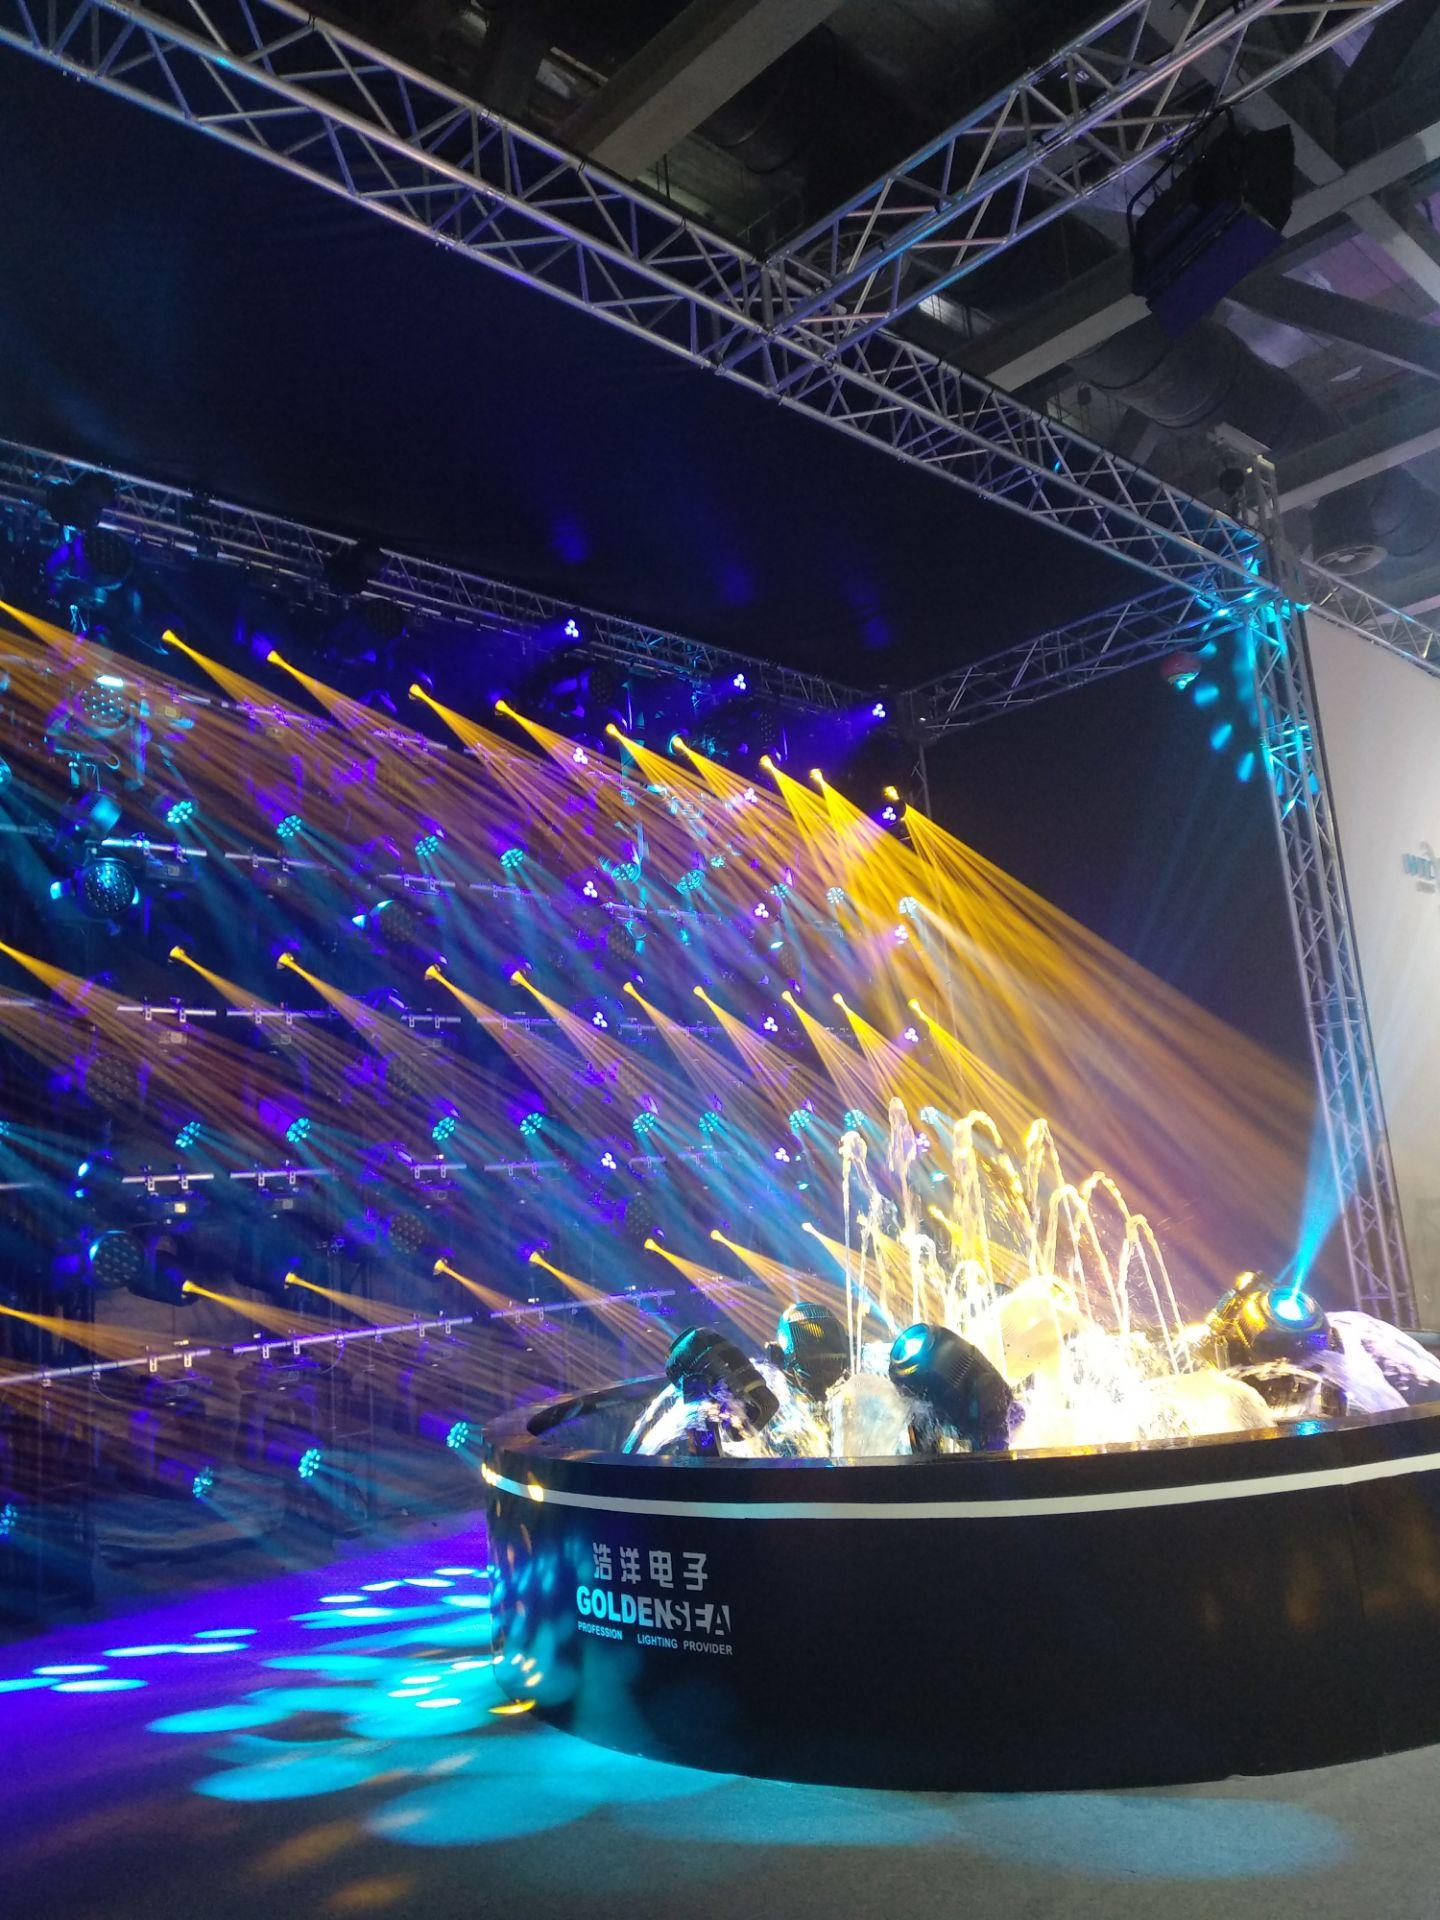 2018年广州国际灯光音响展各商家的舞台灯光设备精彩纷呈展现